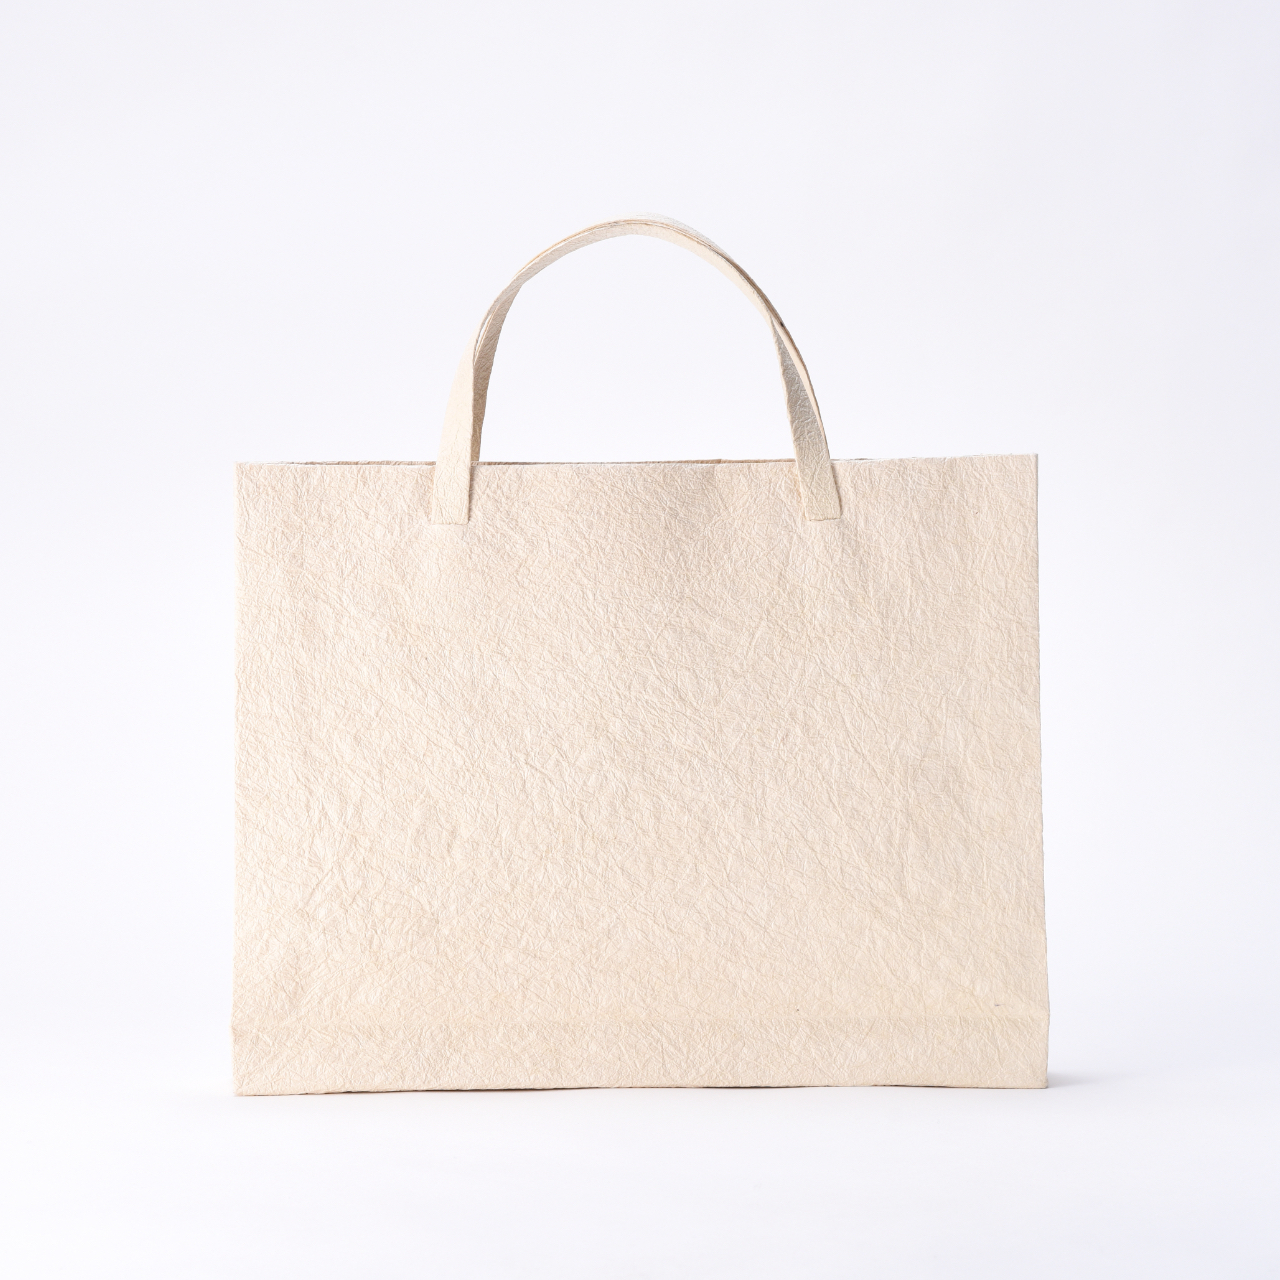 手提げ鞄(白):抗菌撥水加工済み